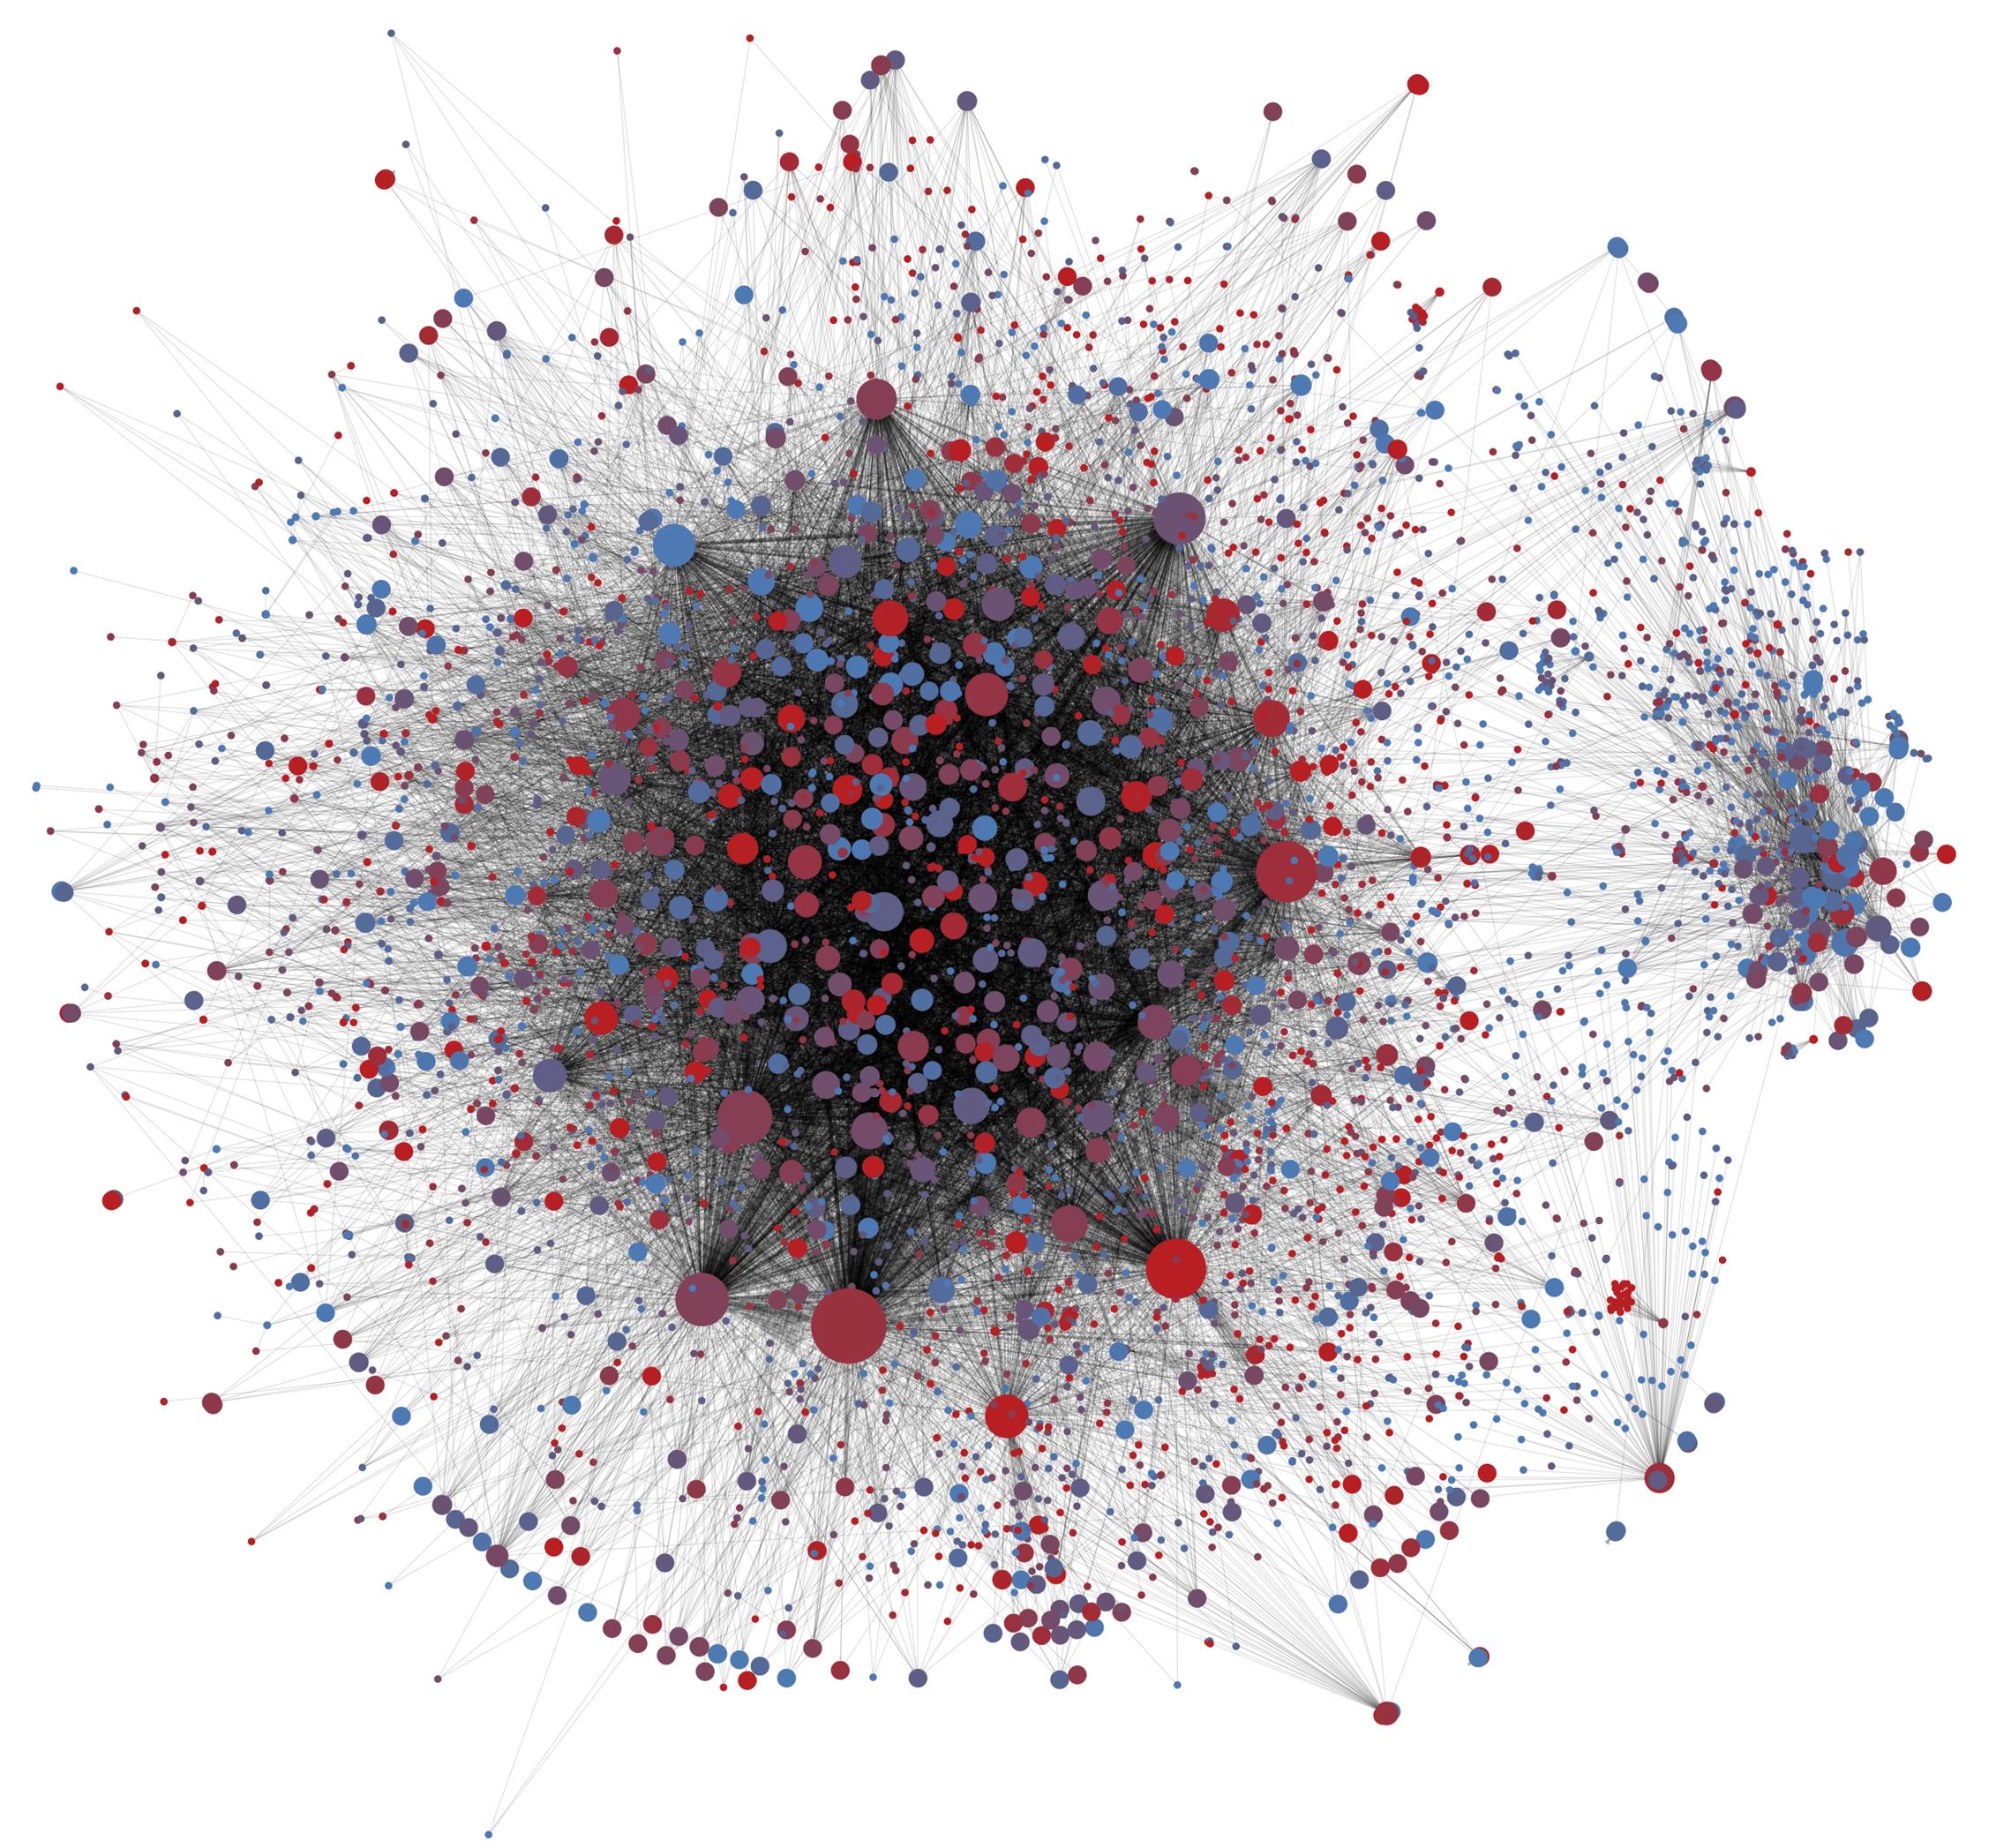 «Максимальный репост». Как социальные сети победили нашу способность отличать правду от лжи